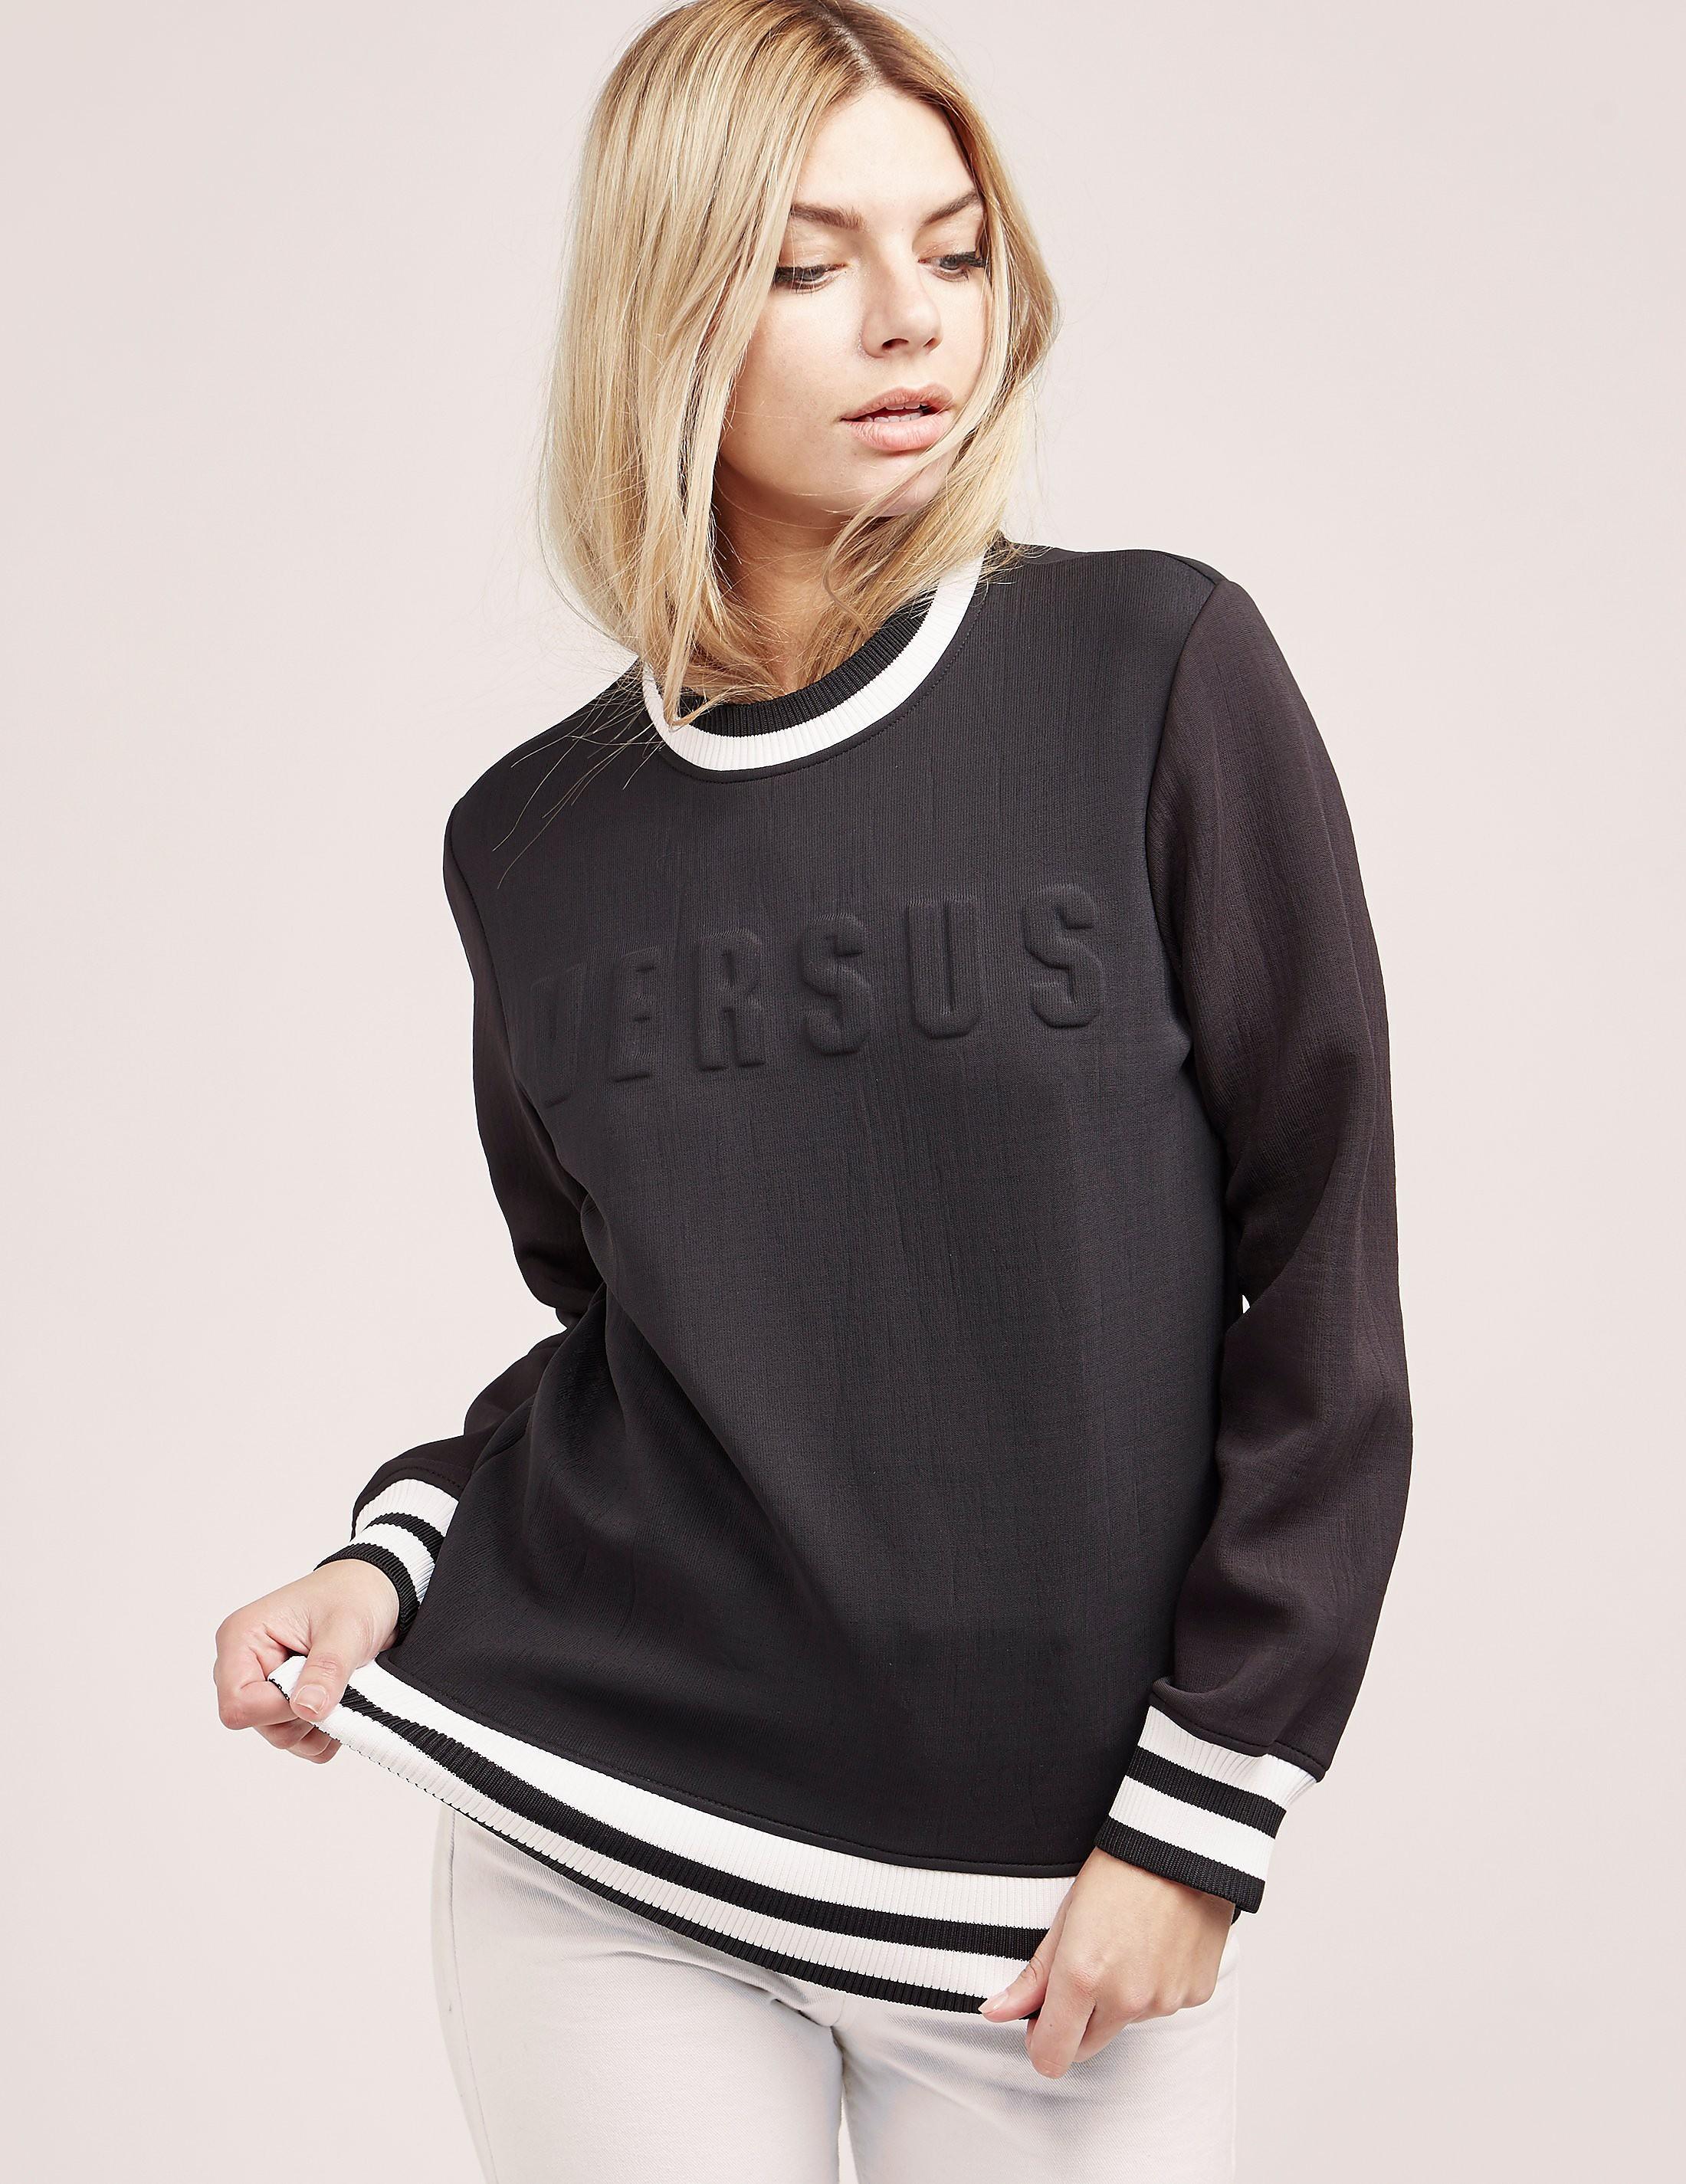 Versus Versace Active Sweatshirt